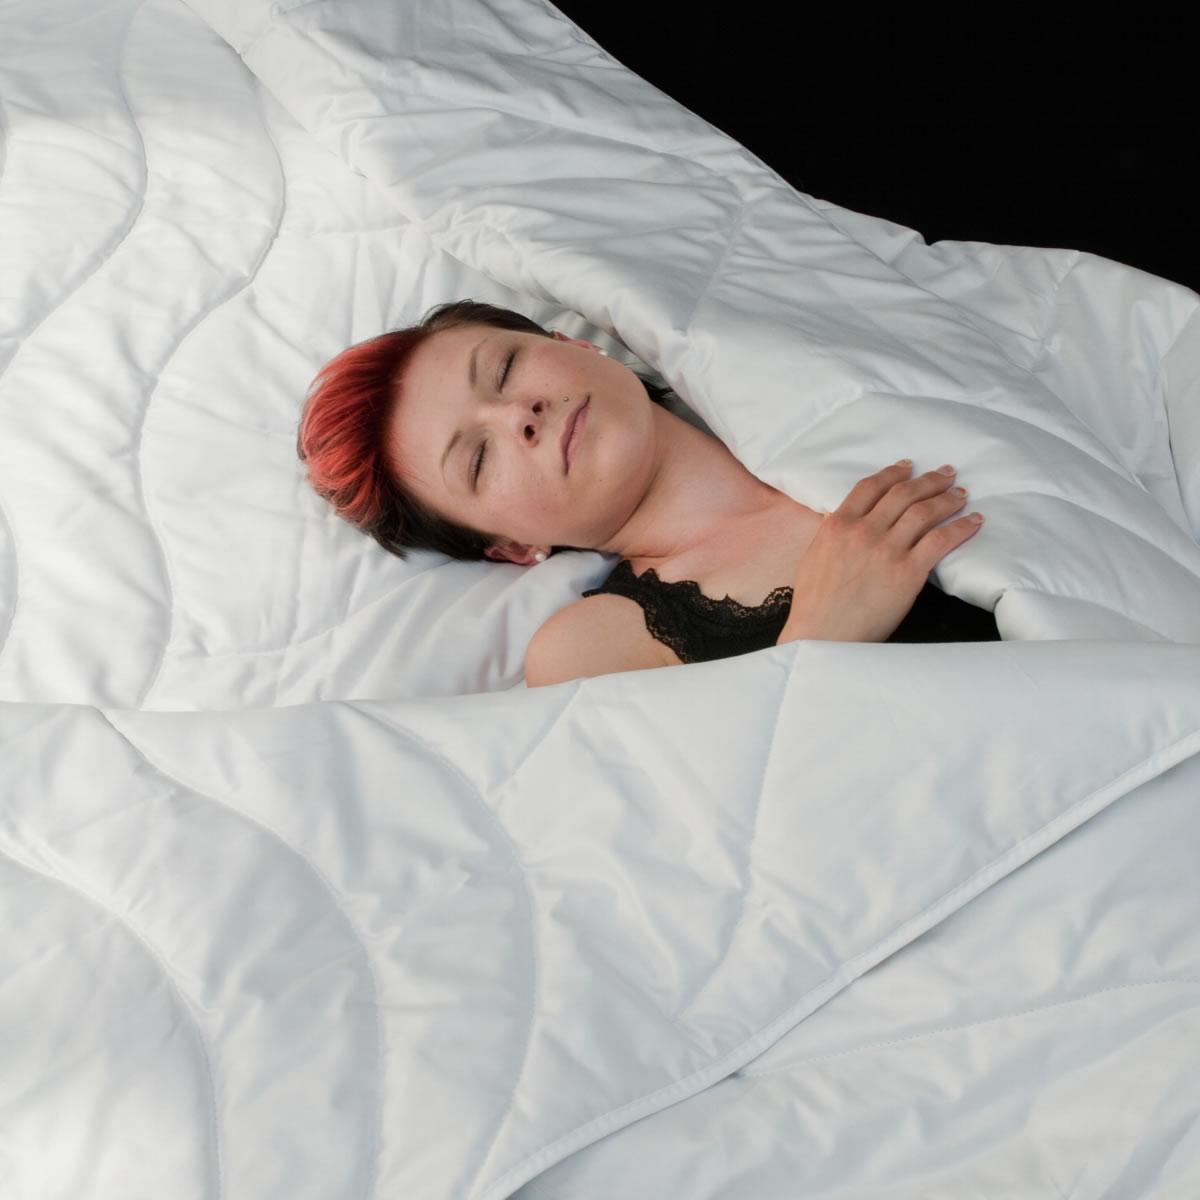 bettdecken seide schlafzimmer lampe migros freiwild bettw sche m bel boss komplett roller. Black Bedroom Furniture Sets. Home Design Ideas